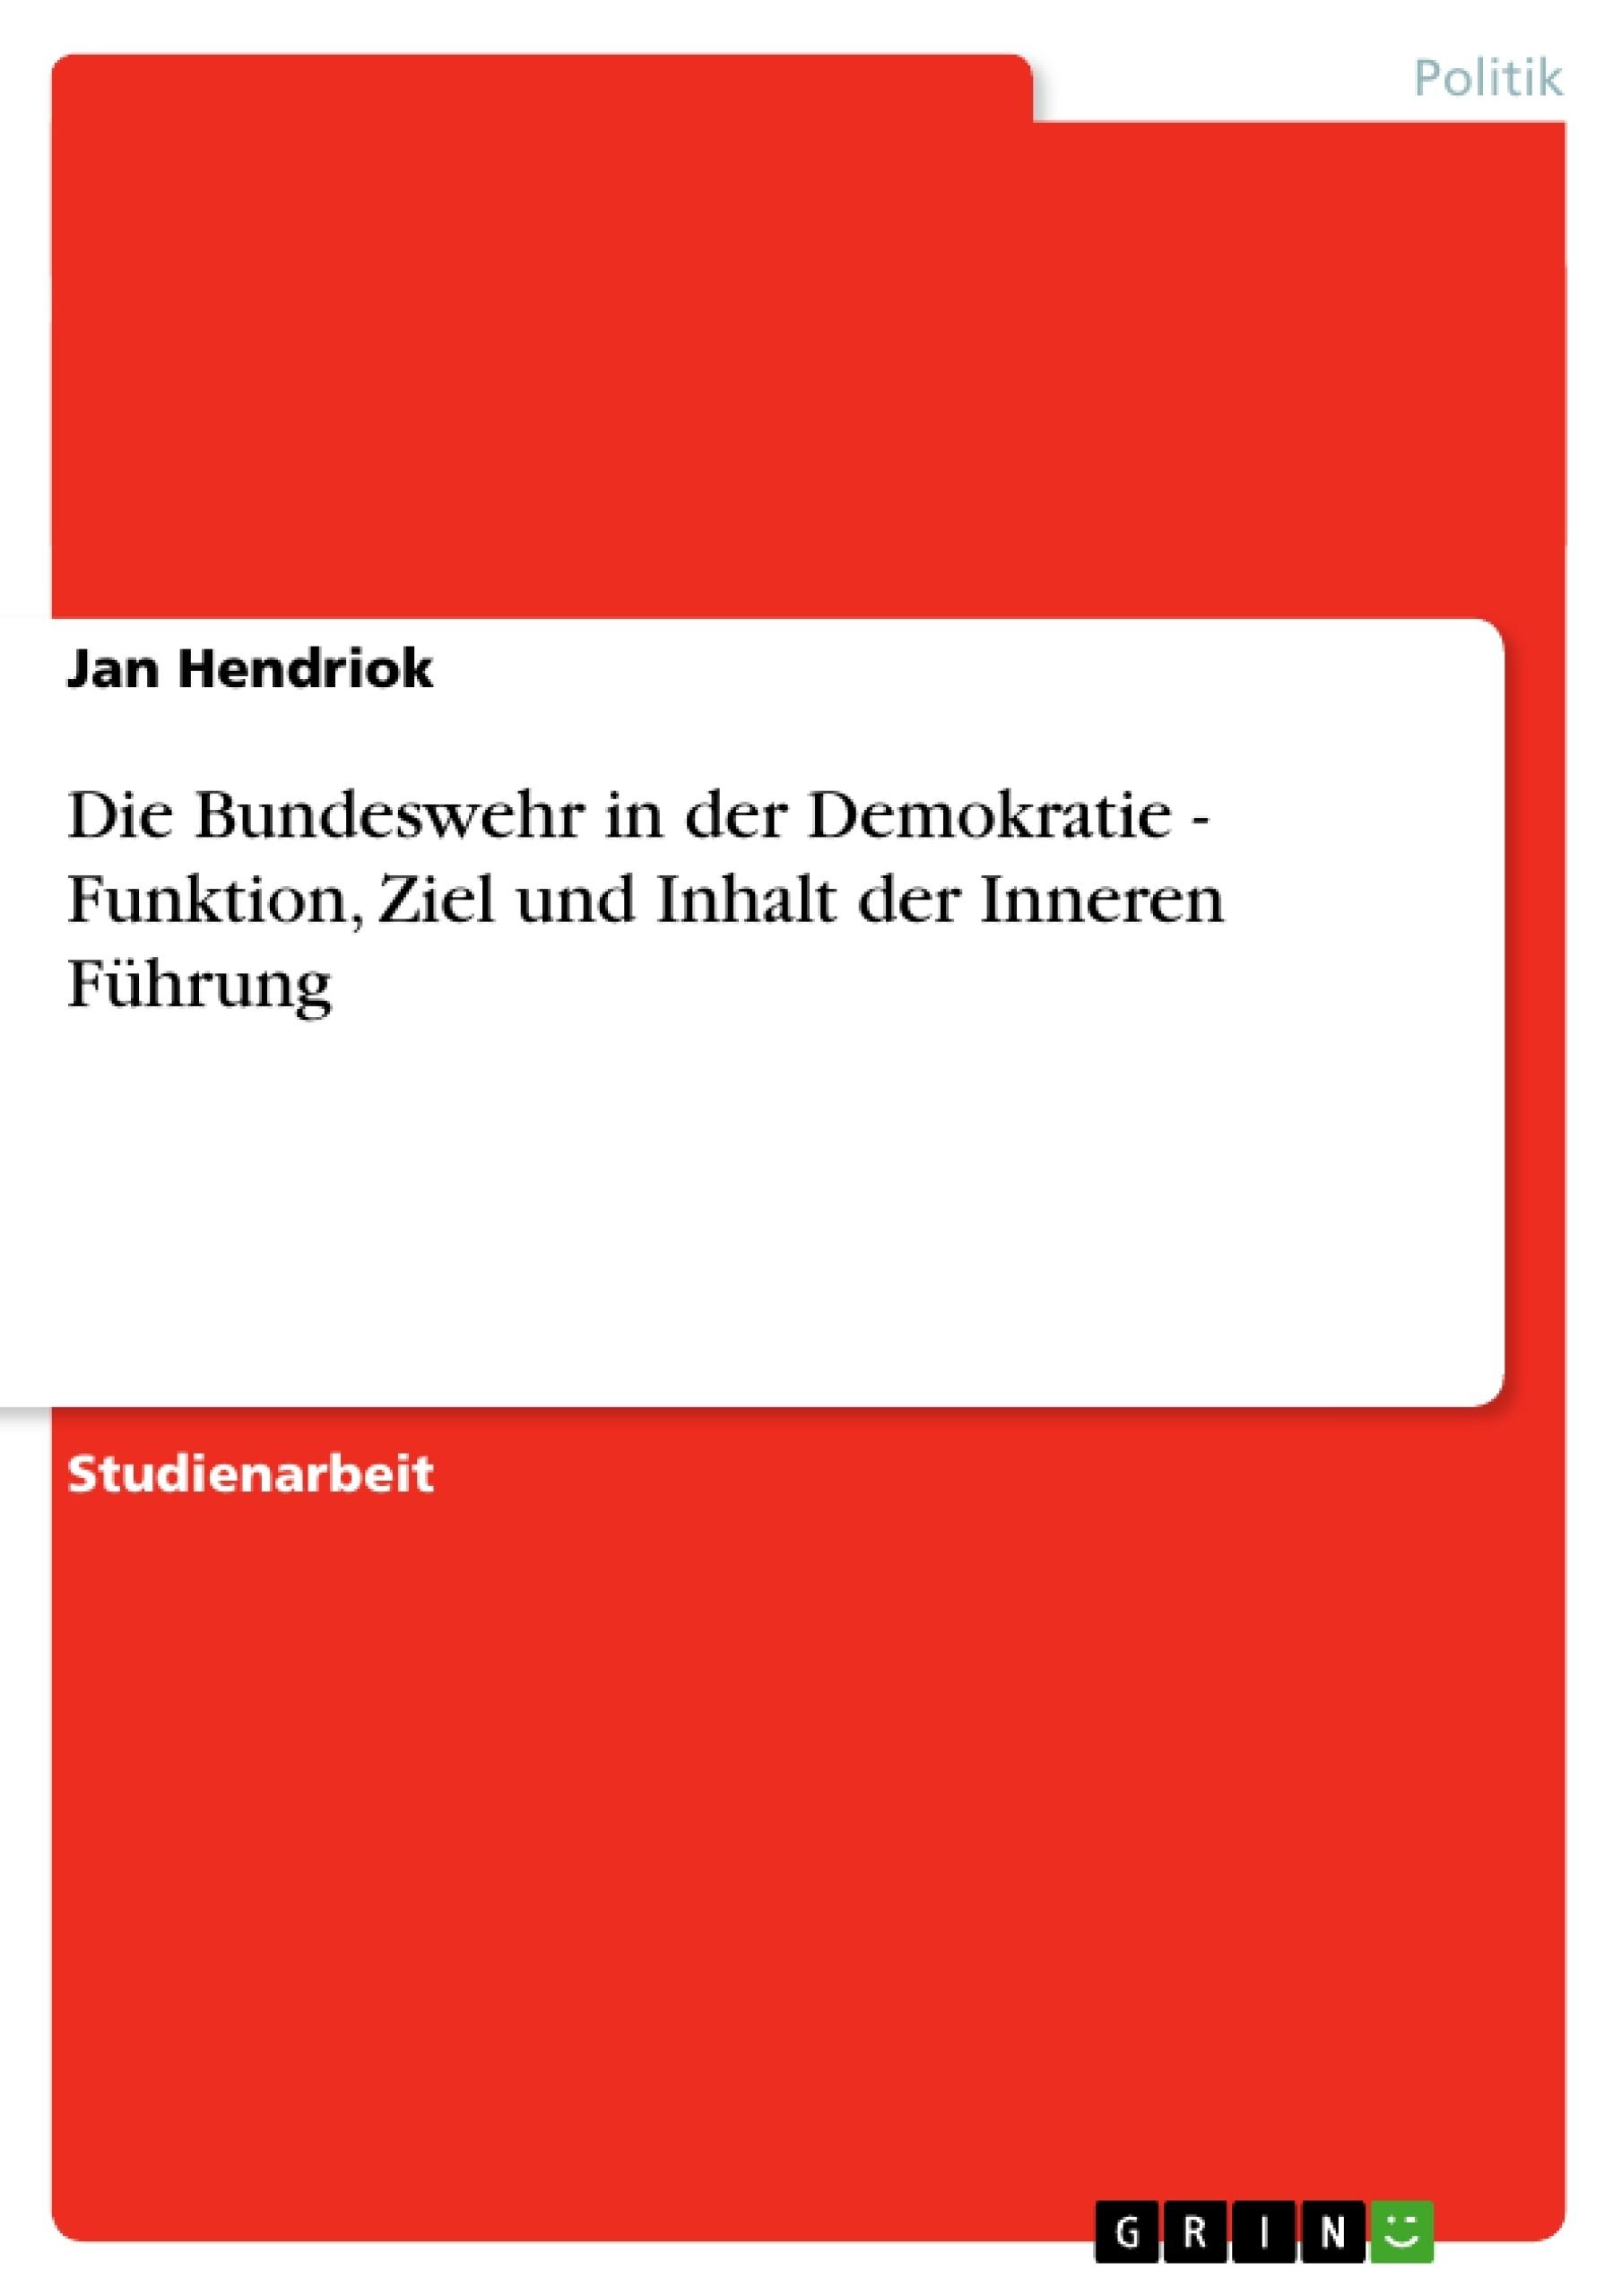 Titel: Die Bundeswehr in der Demokratie - Funktion, Ziel und Inhalt der Inneren Führung